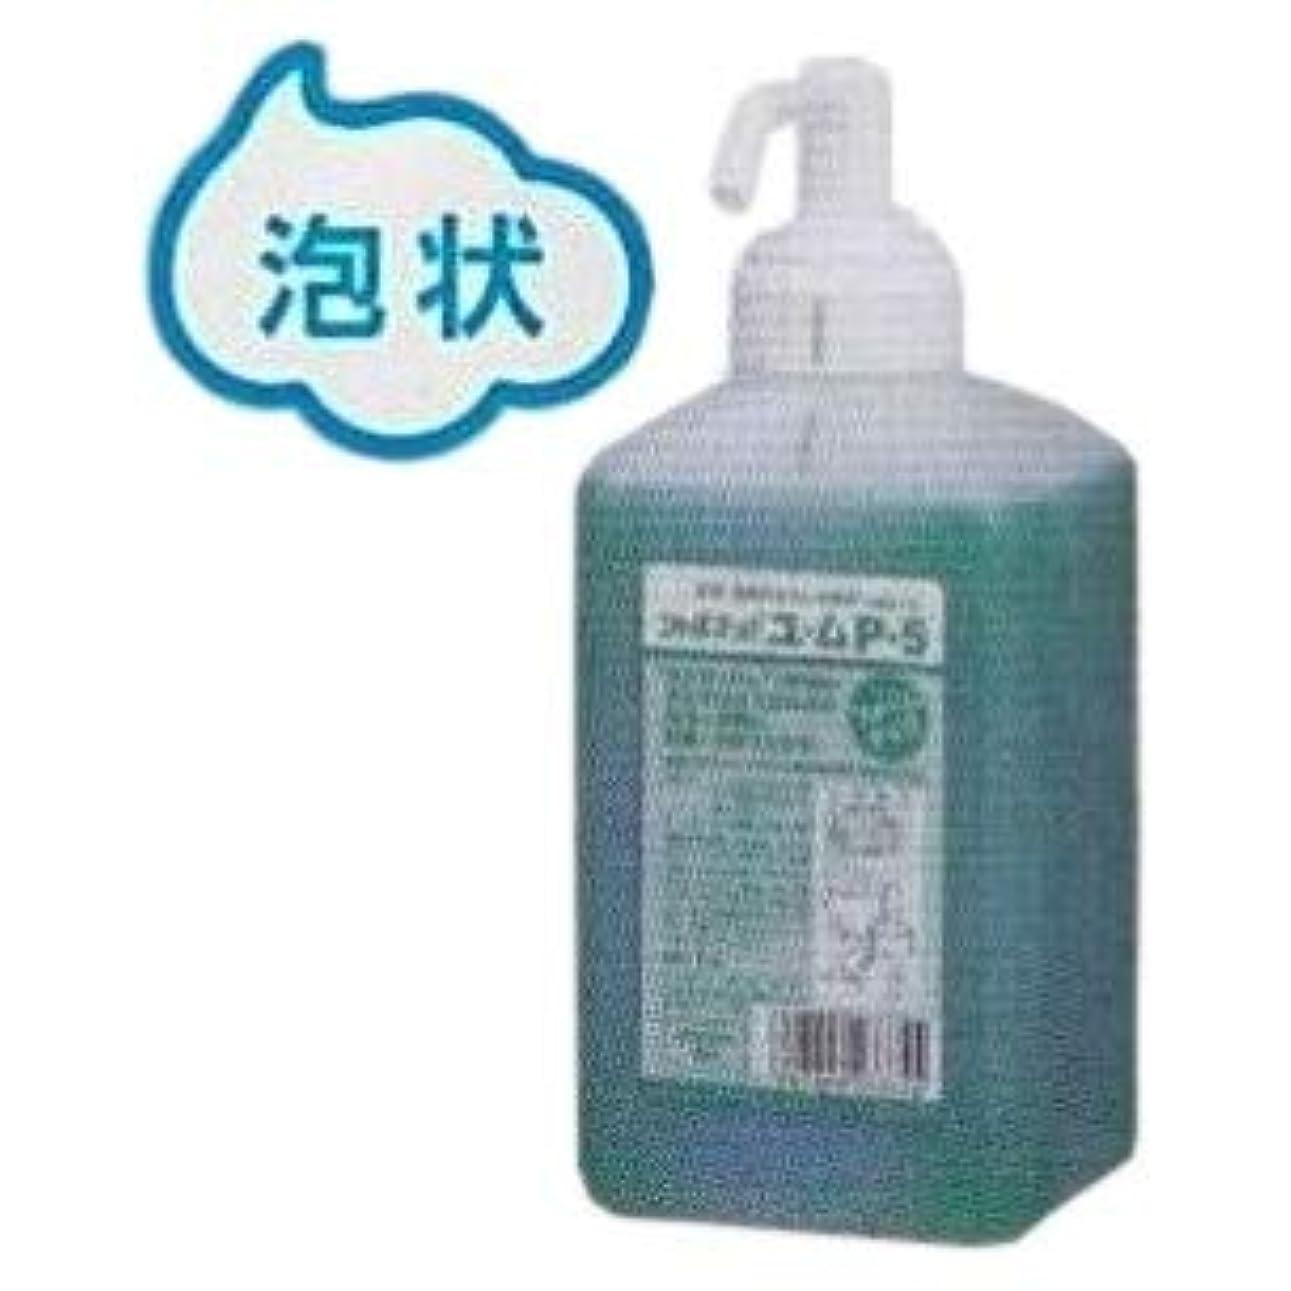 ブリーク童謡区別サラヤ シャボネット ユ?ムP-5 1kg泡ポンプ付 無香料 サラヤ商品コード:23335